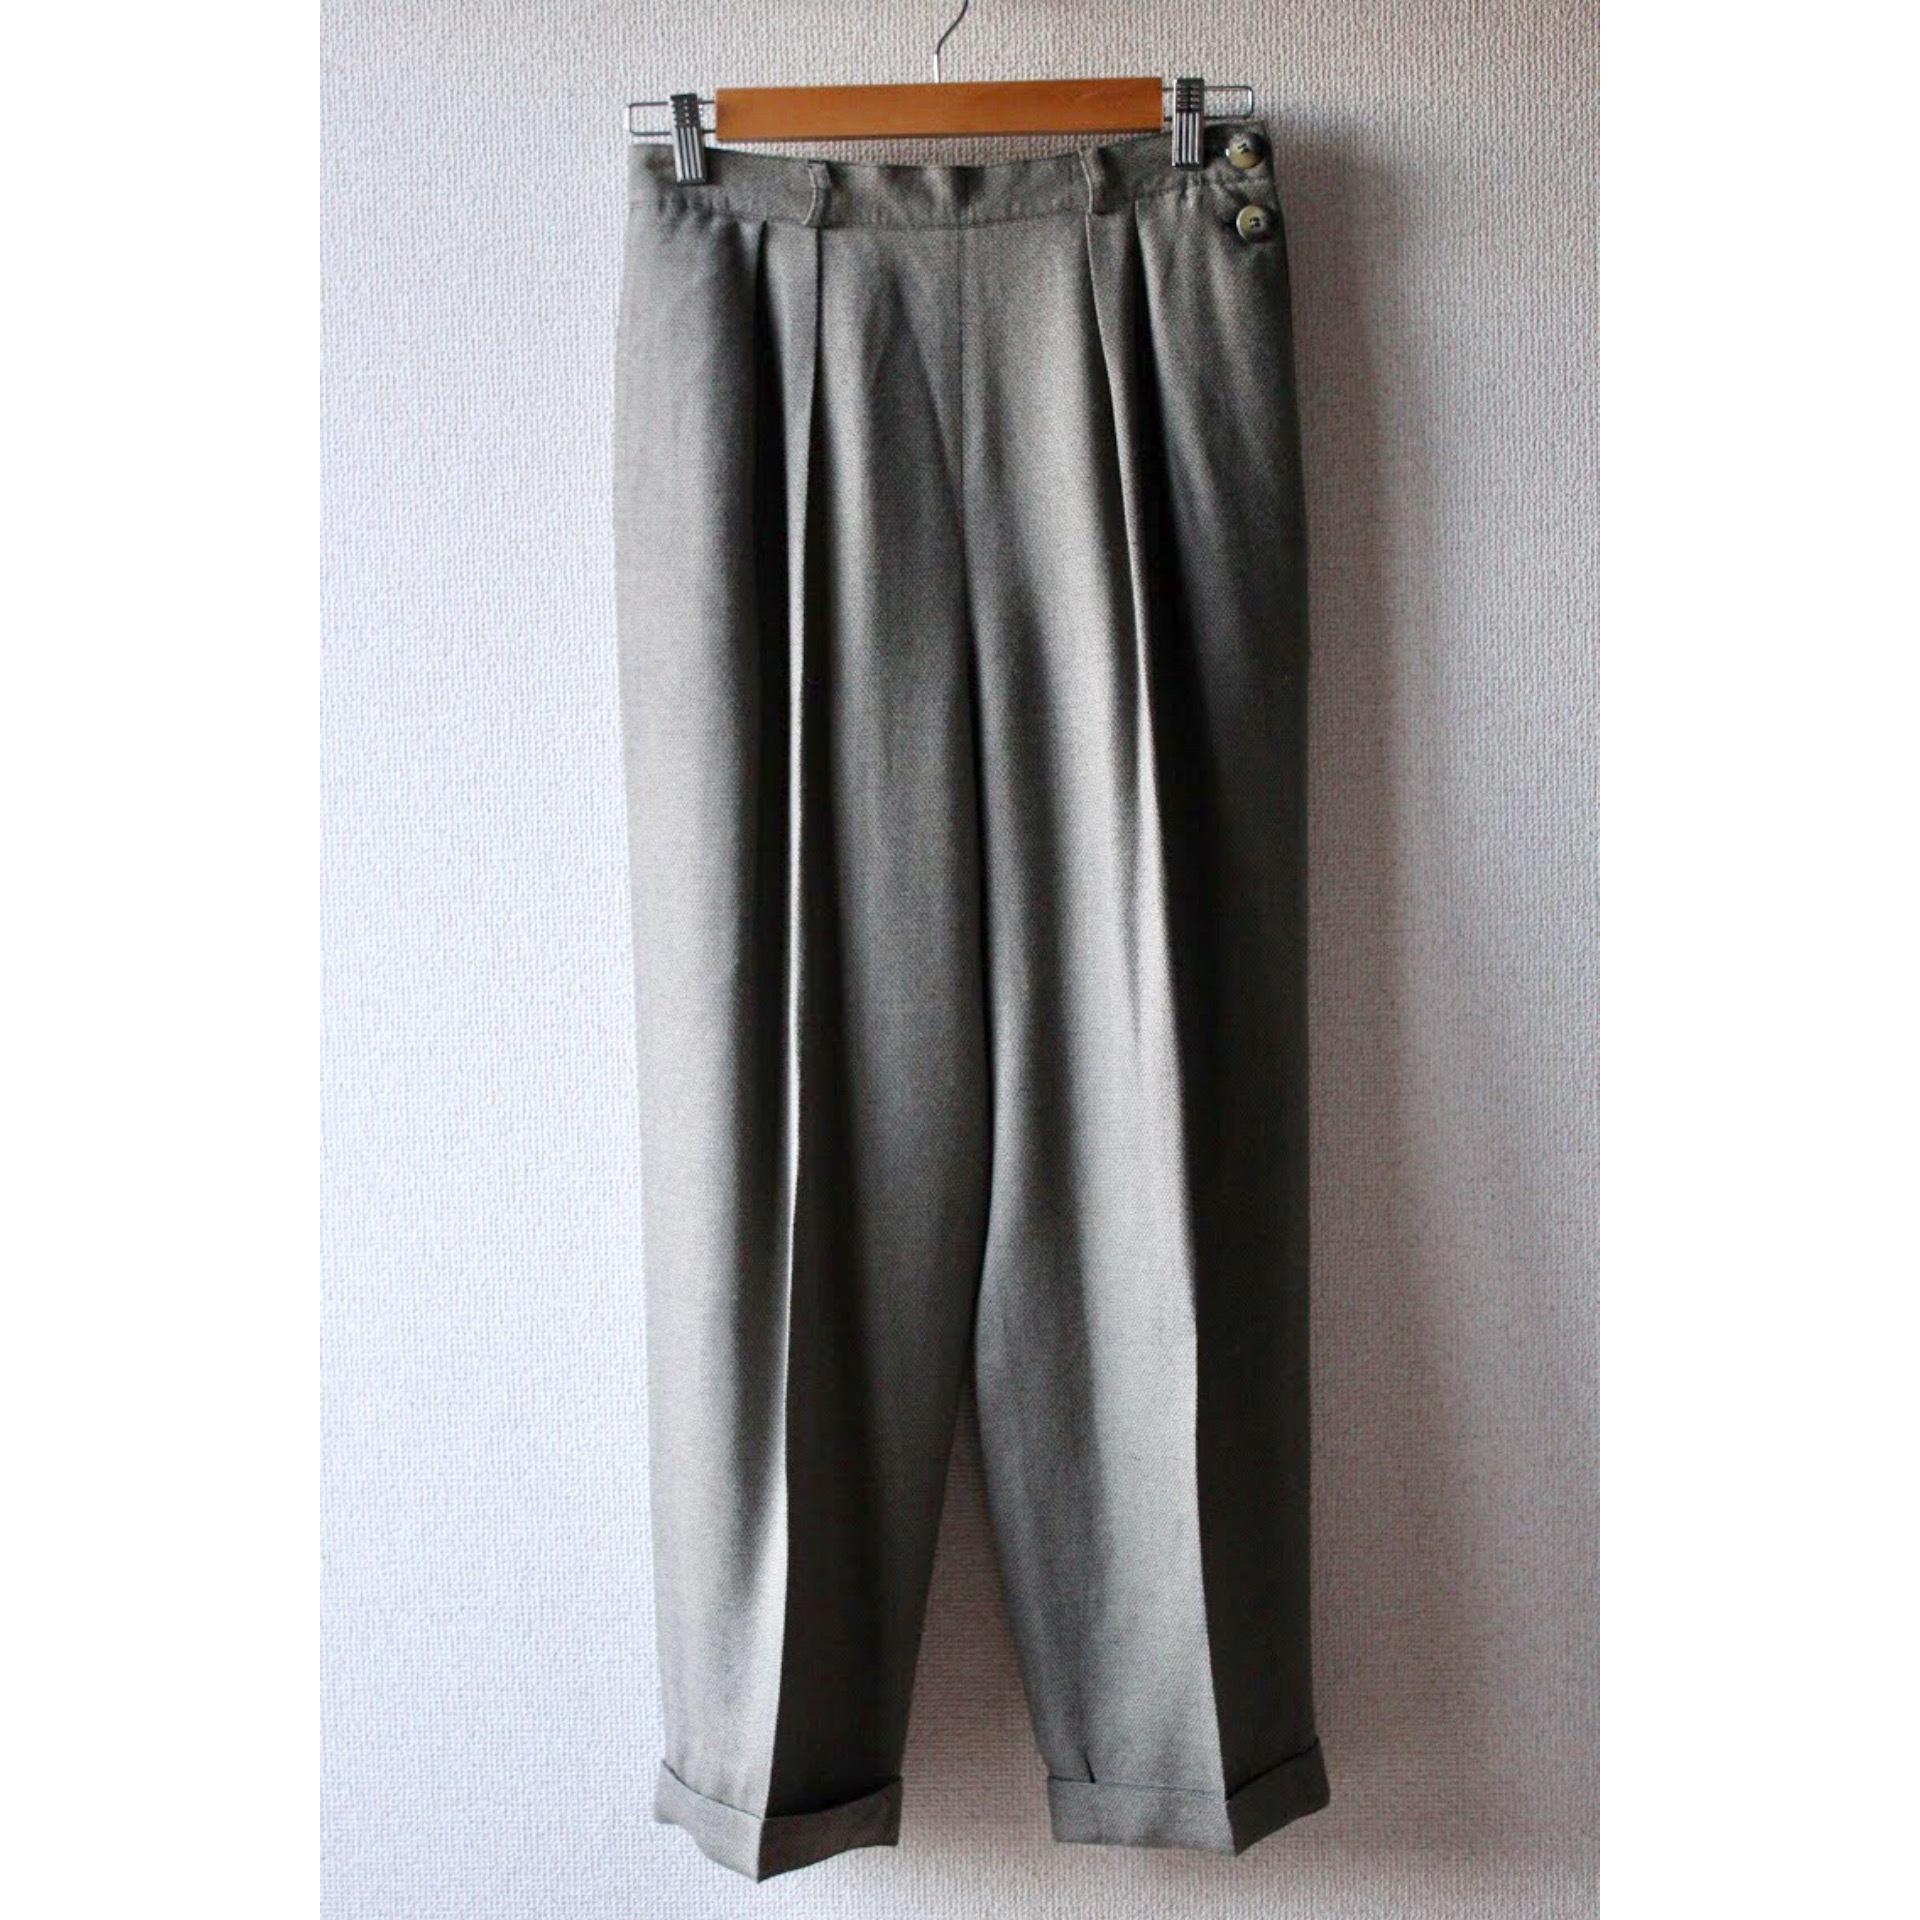 Vintage two tuck slacks